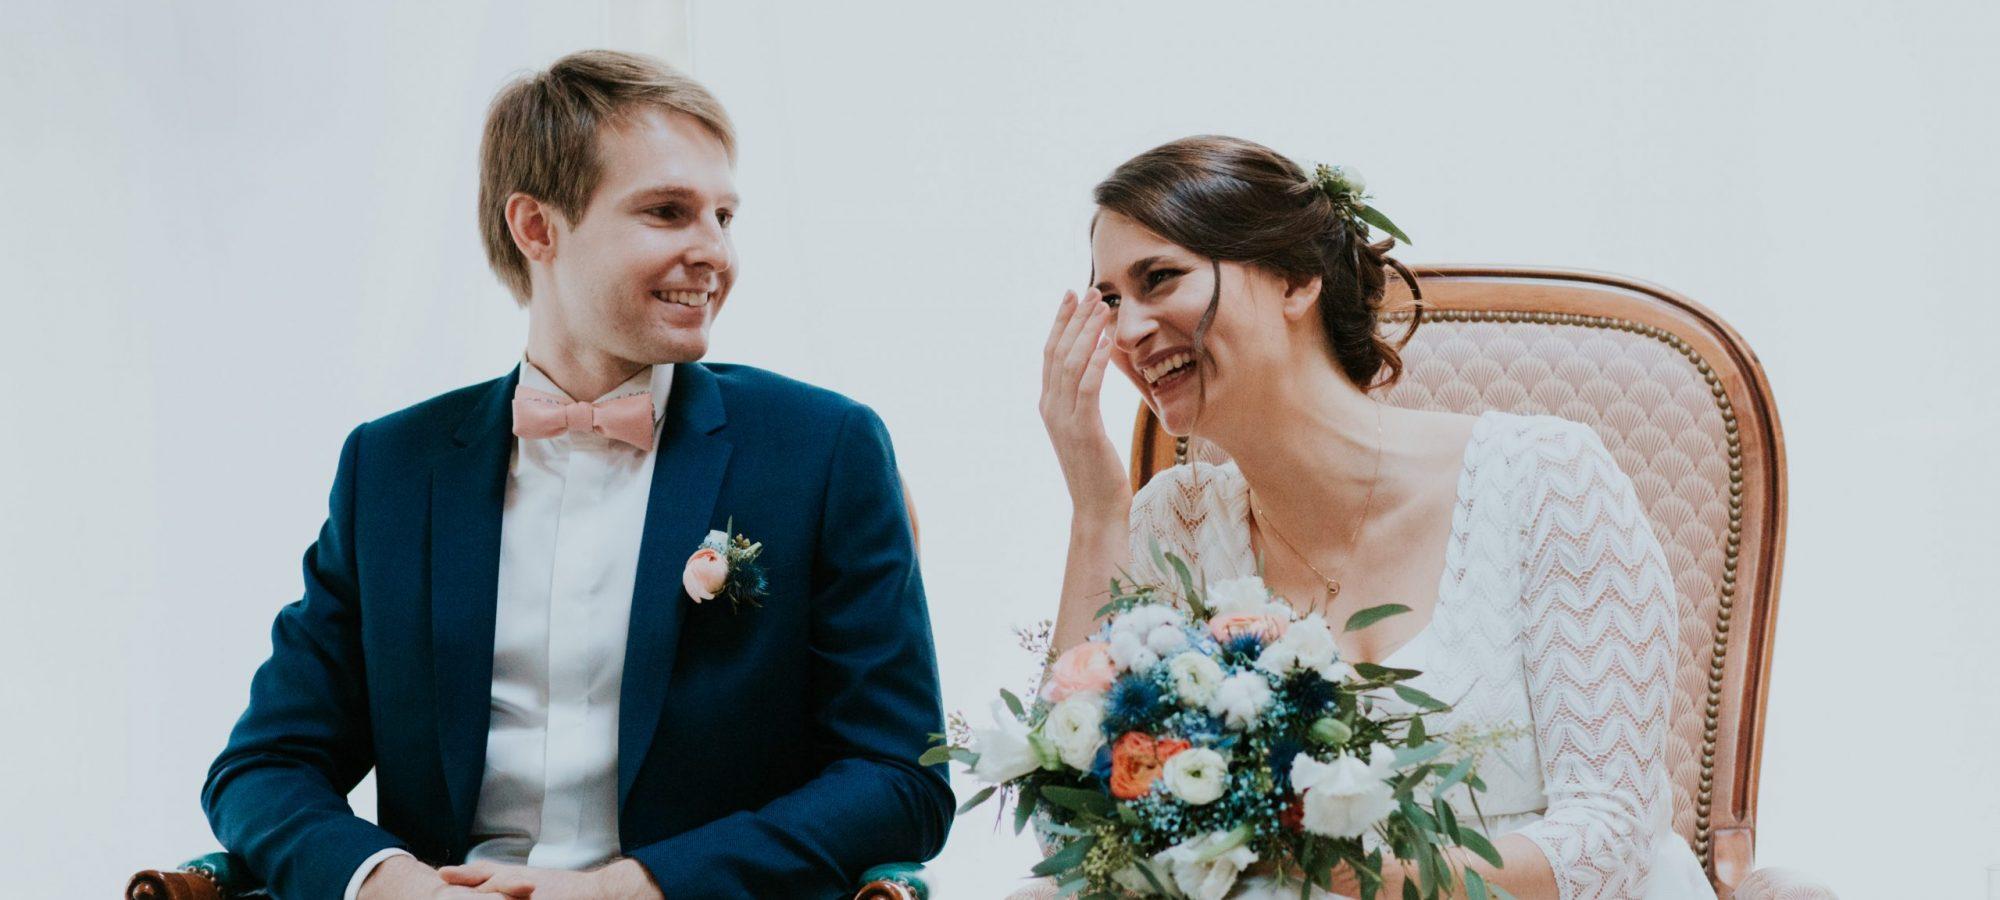 Mariage cérémonie laïque_Wedding planner prestations formules